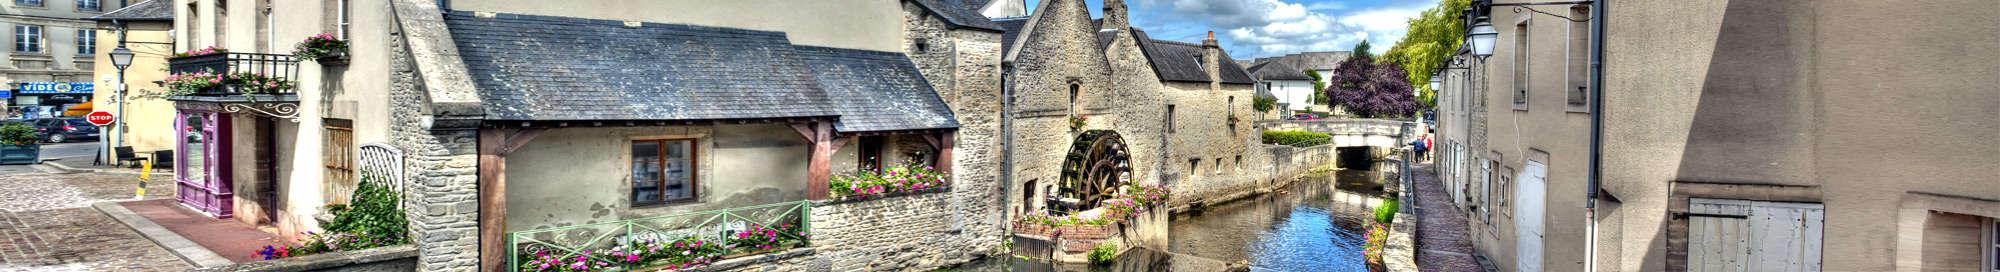 Week-end et séjour à Bayeux